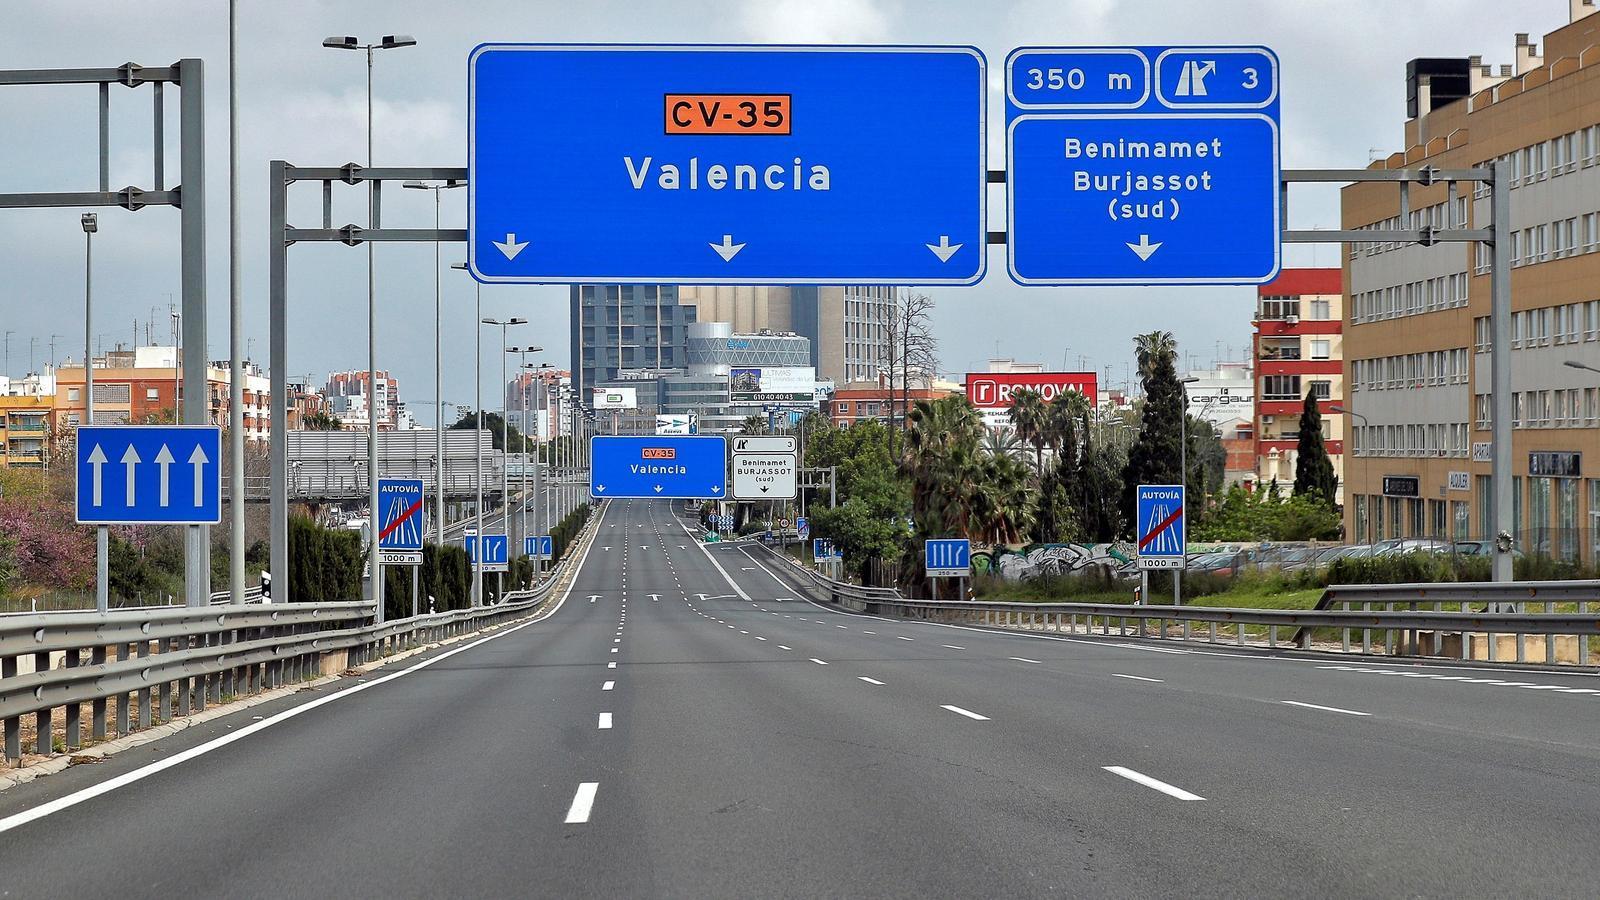 Una de les entrades a València buides per la restricció del trànsit decretada pel decret d'alarma